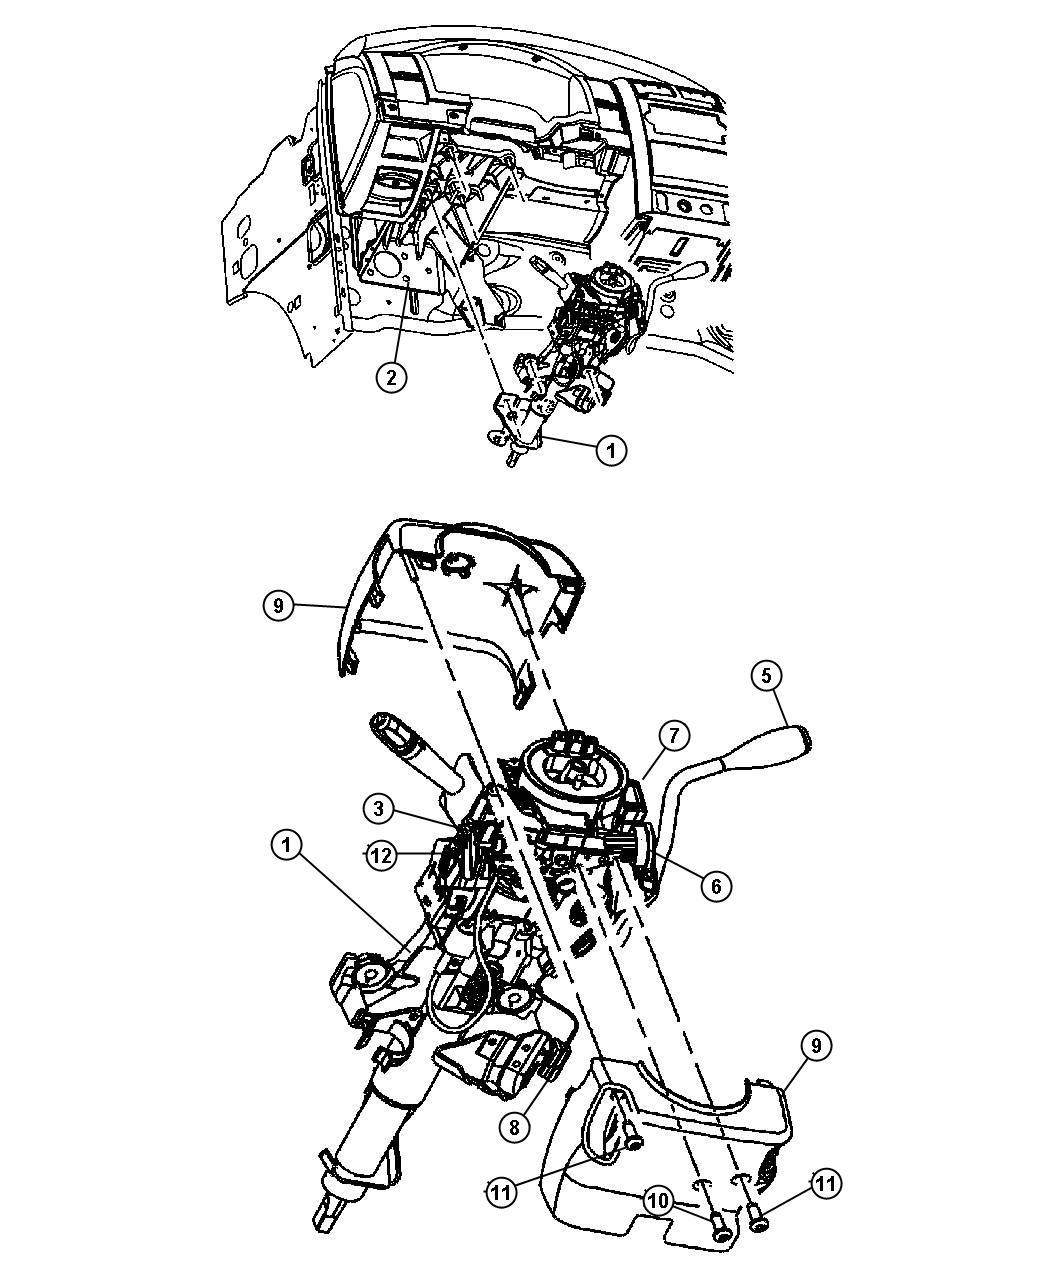 2007 Chrysler Aspen Knob. Tilt lever release. [tilt